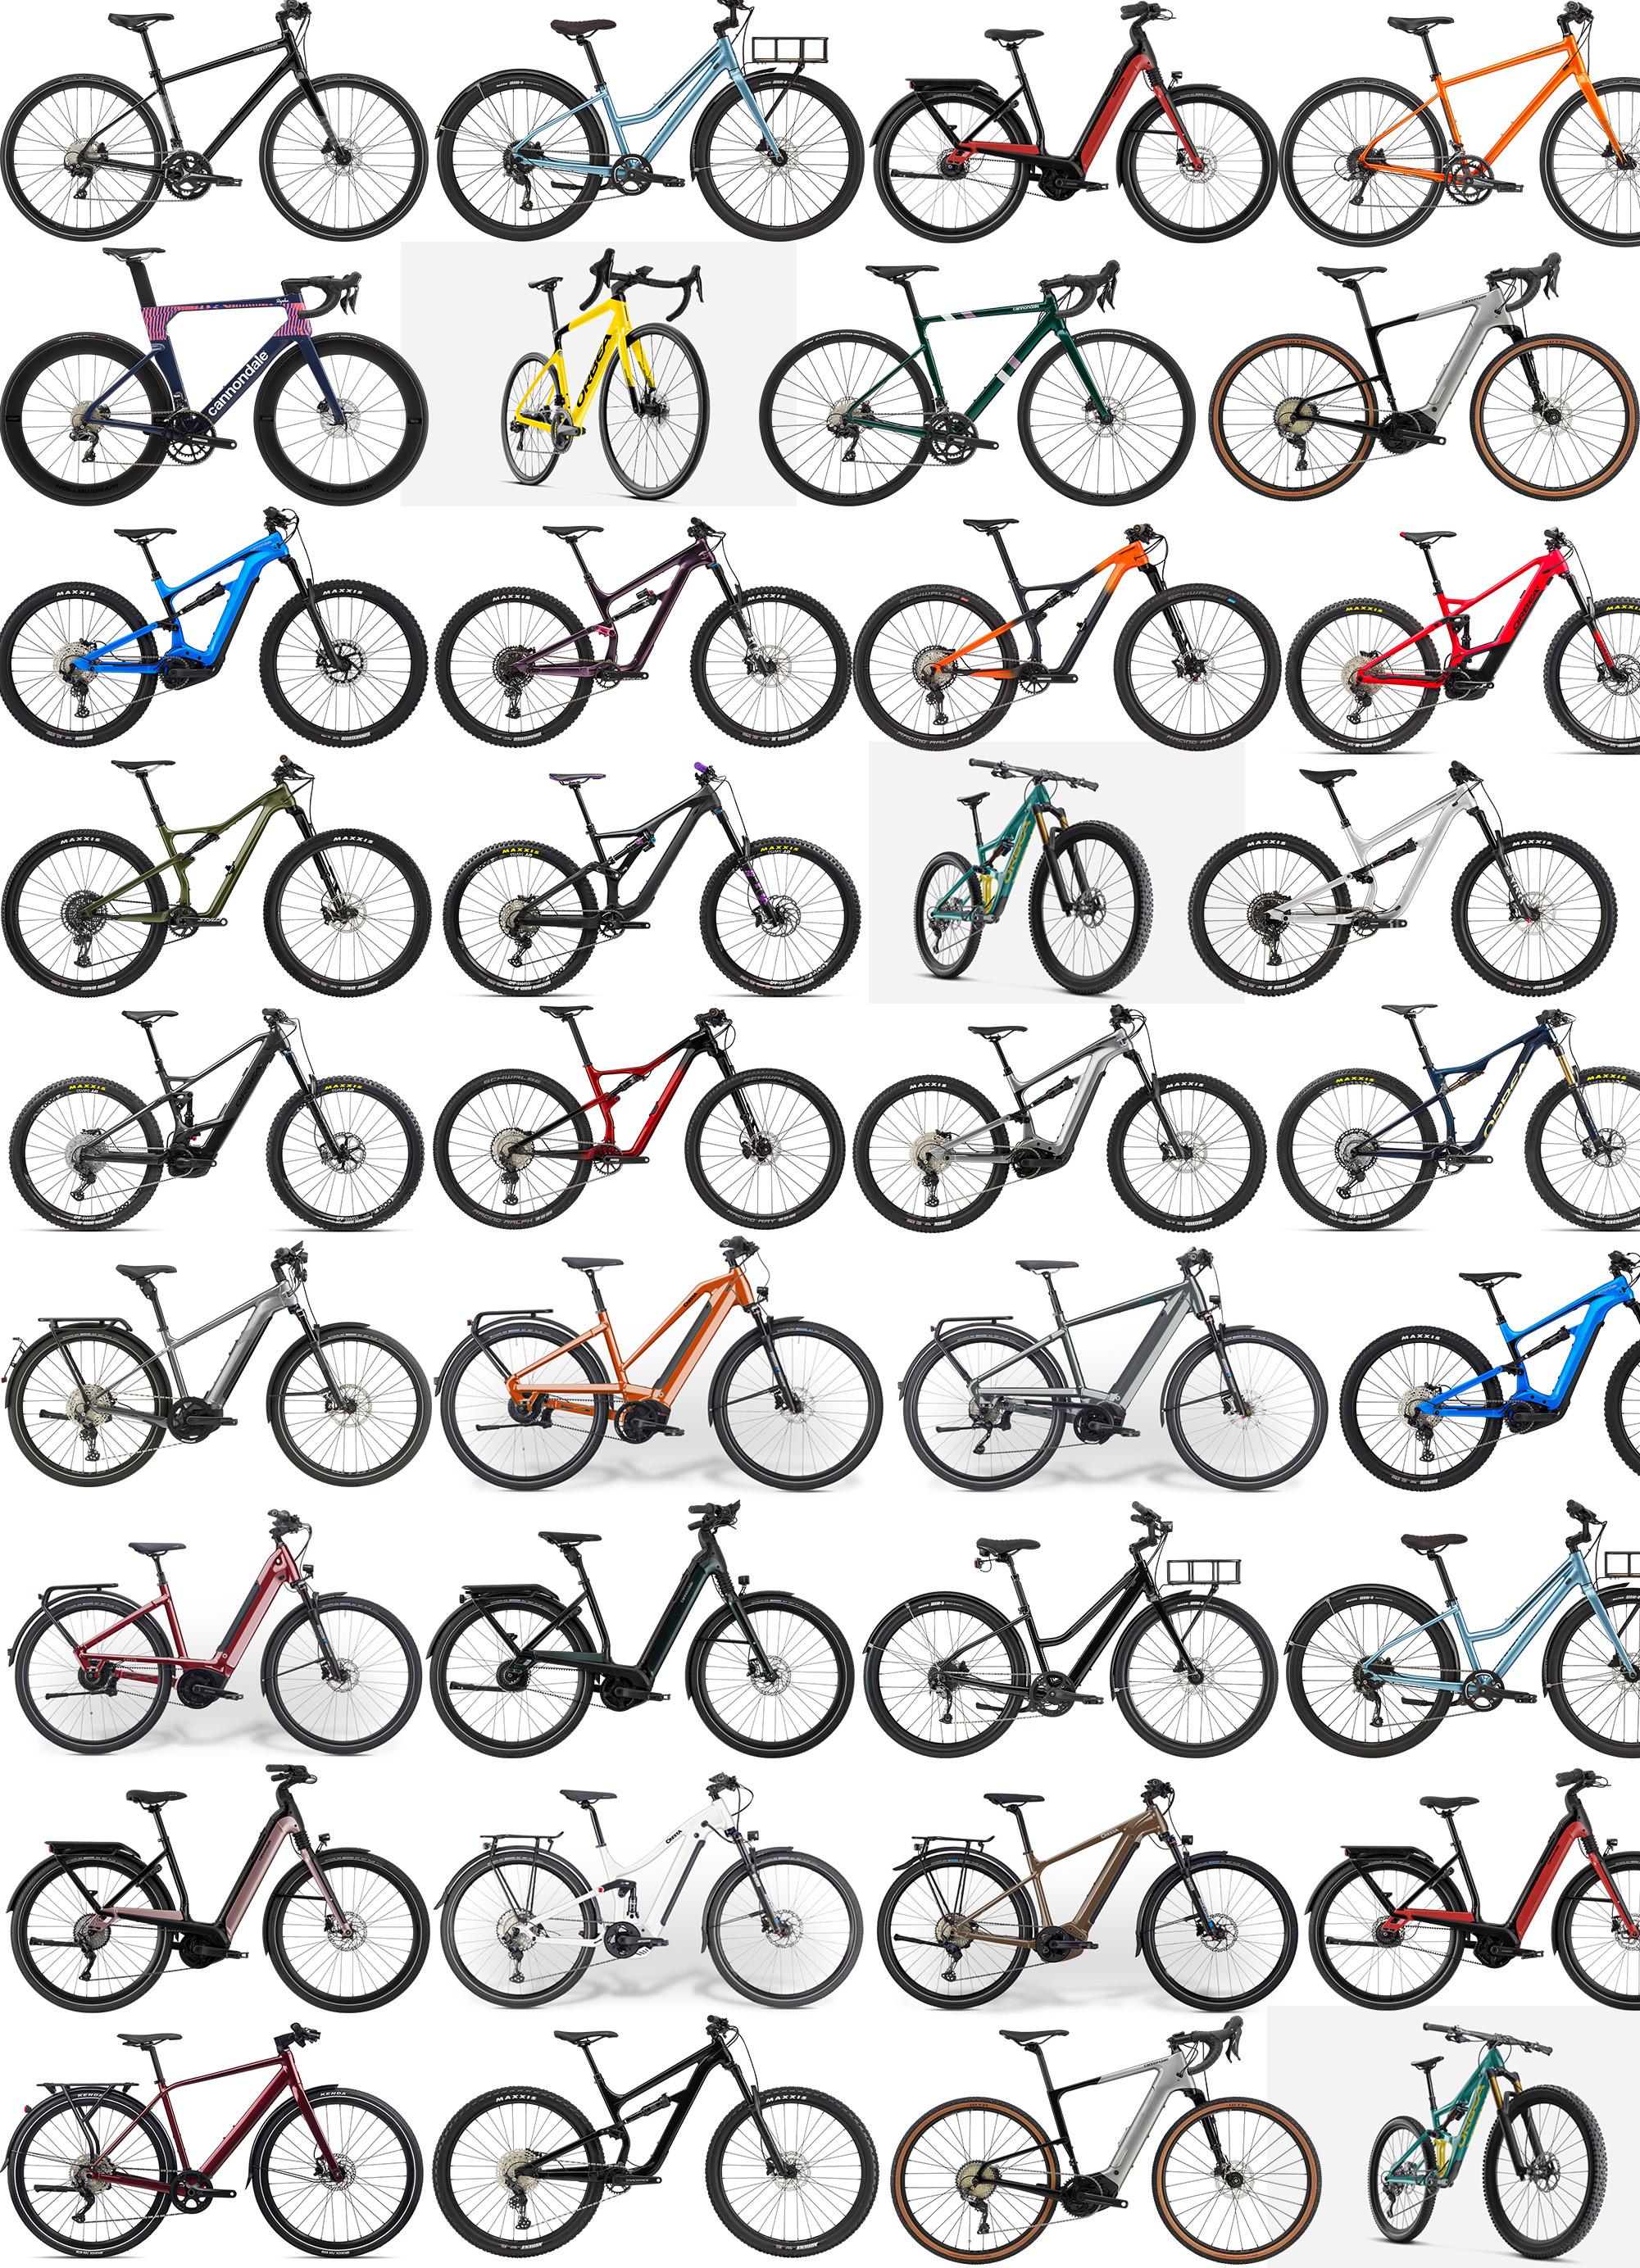 Wir haben noch diverse coole Bikes, garantiert finden wir das passende für dich.